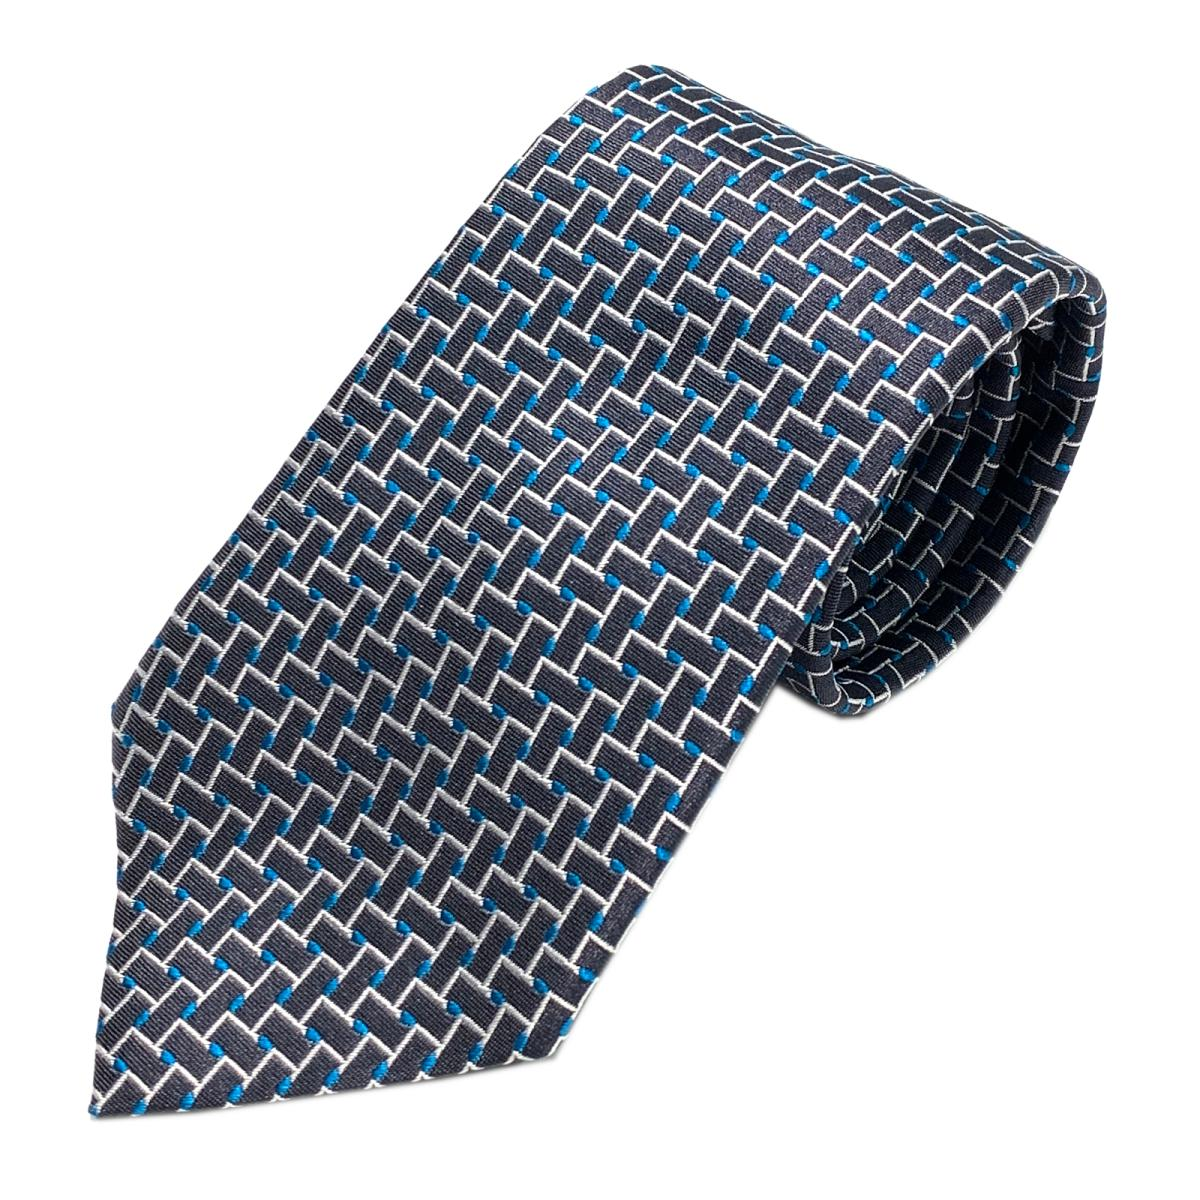 エンポリオアルマーニ ネクタイ 衣料品 メンズ シルク ブルーxブラックxホワイト | EMPORIO ARMANI BRANDOFF ブランドオフ ブランド スーツ